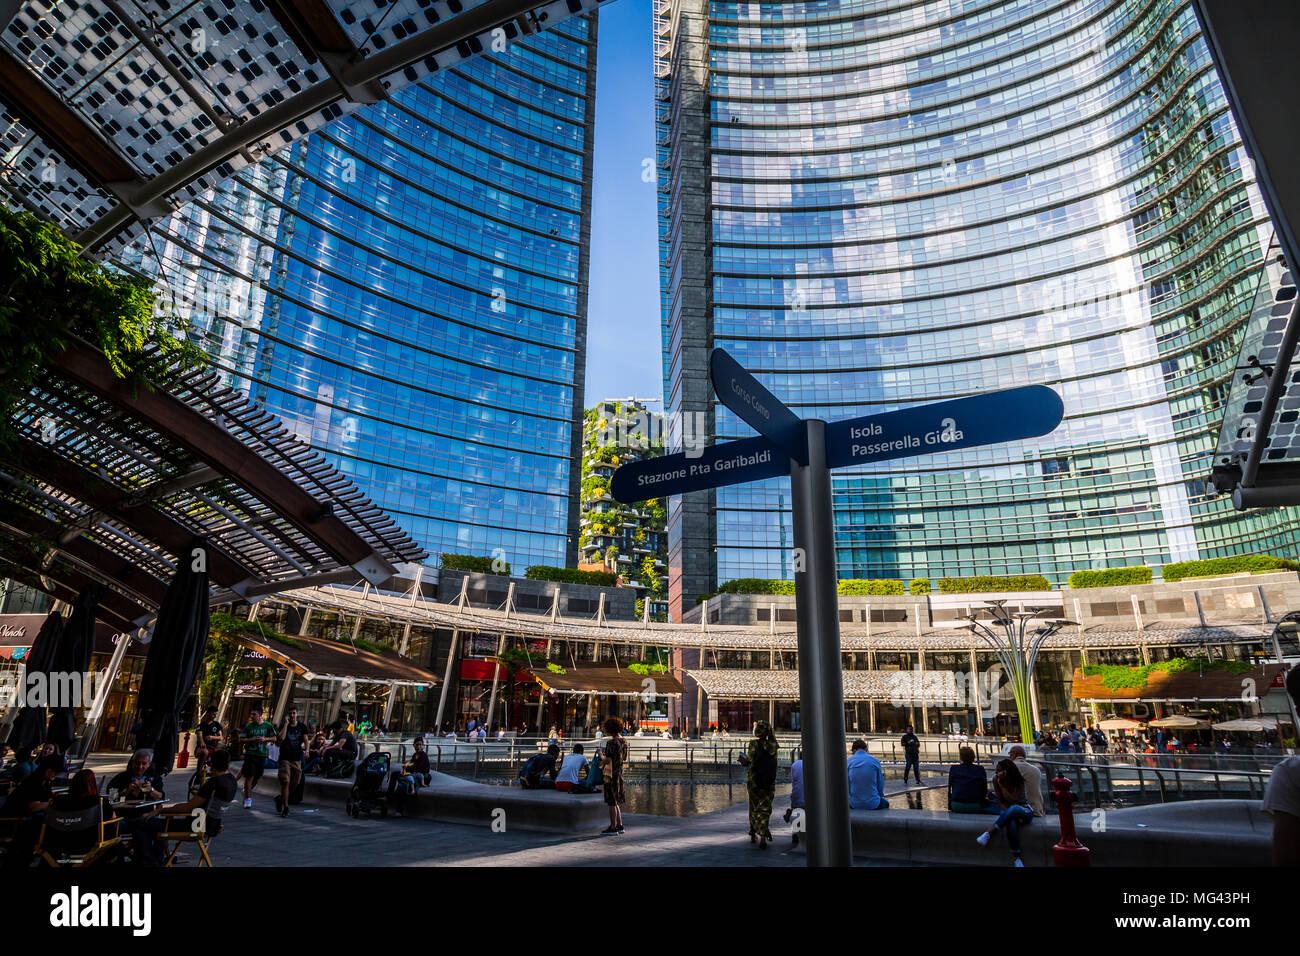 Gae Aulenti Square, Mailand, Italien Stockfotografie - Alamy